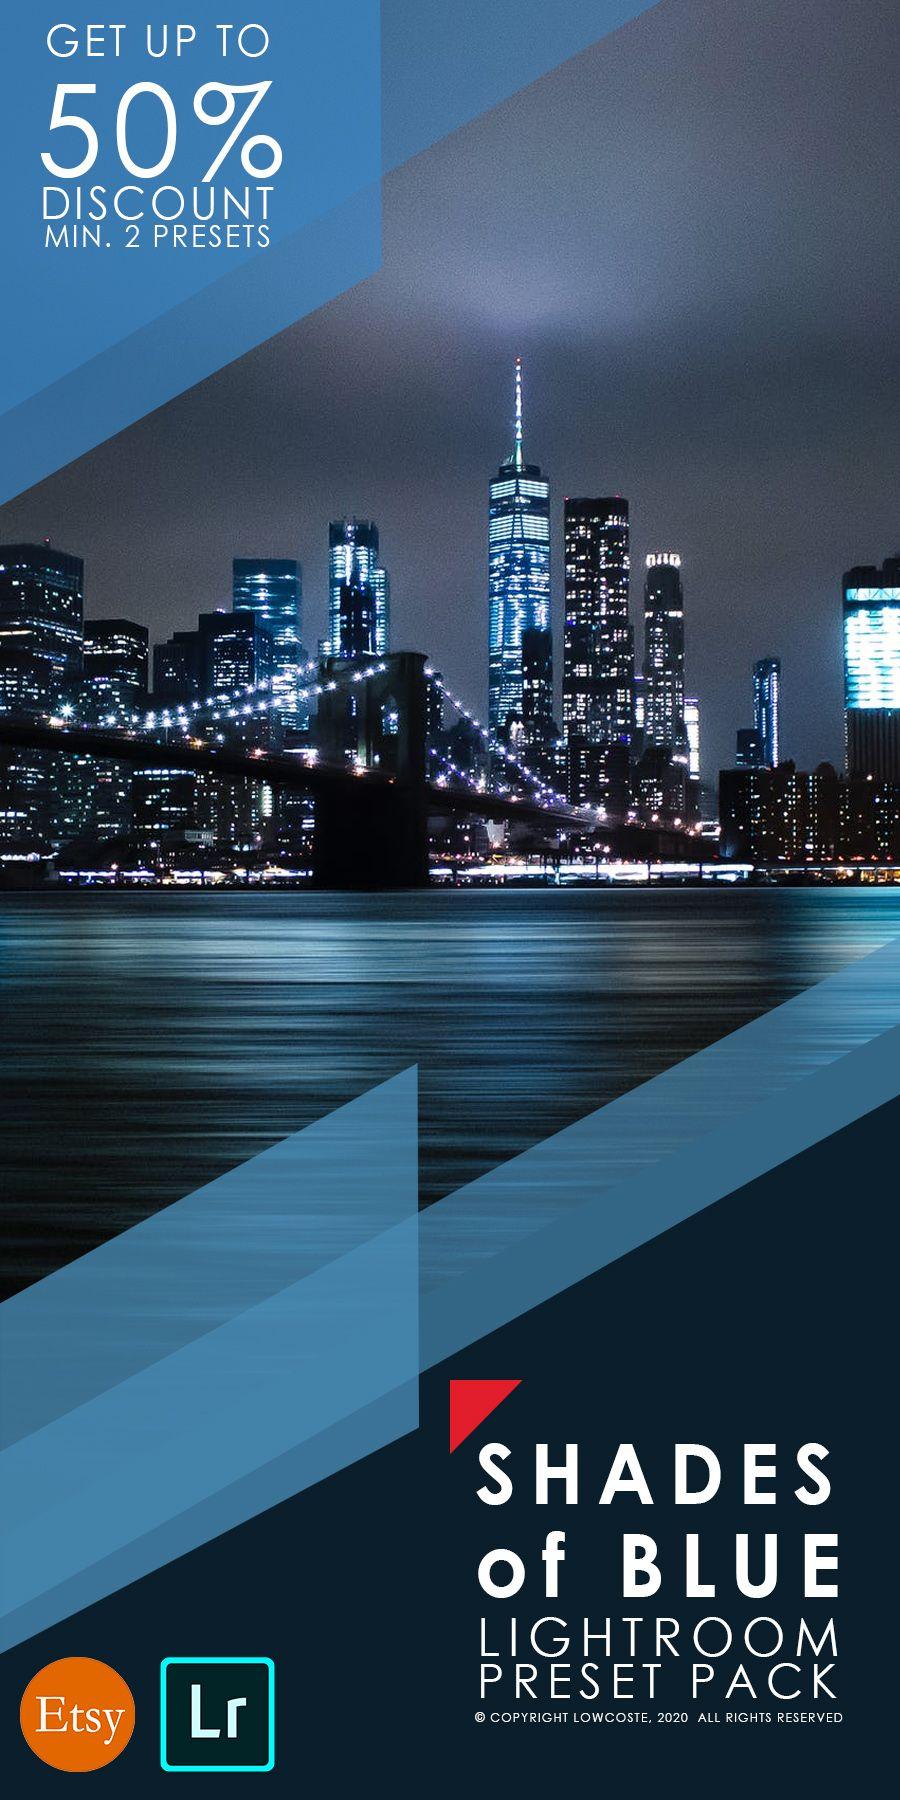 City Lights Presets Mobile Lightroom Preset Night Presets Mobile Preset Bundle Blue Cold Preset In 2020 Lightroom Presets City Lights Lightroom